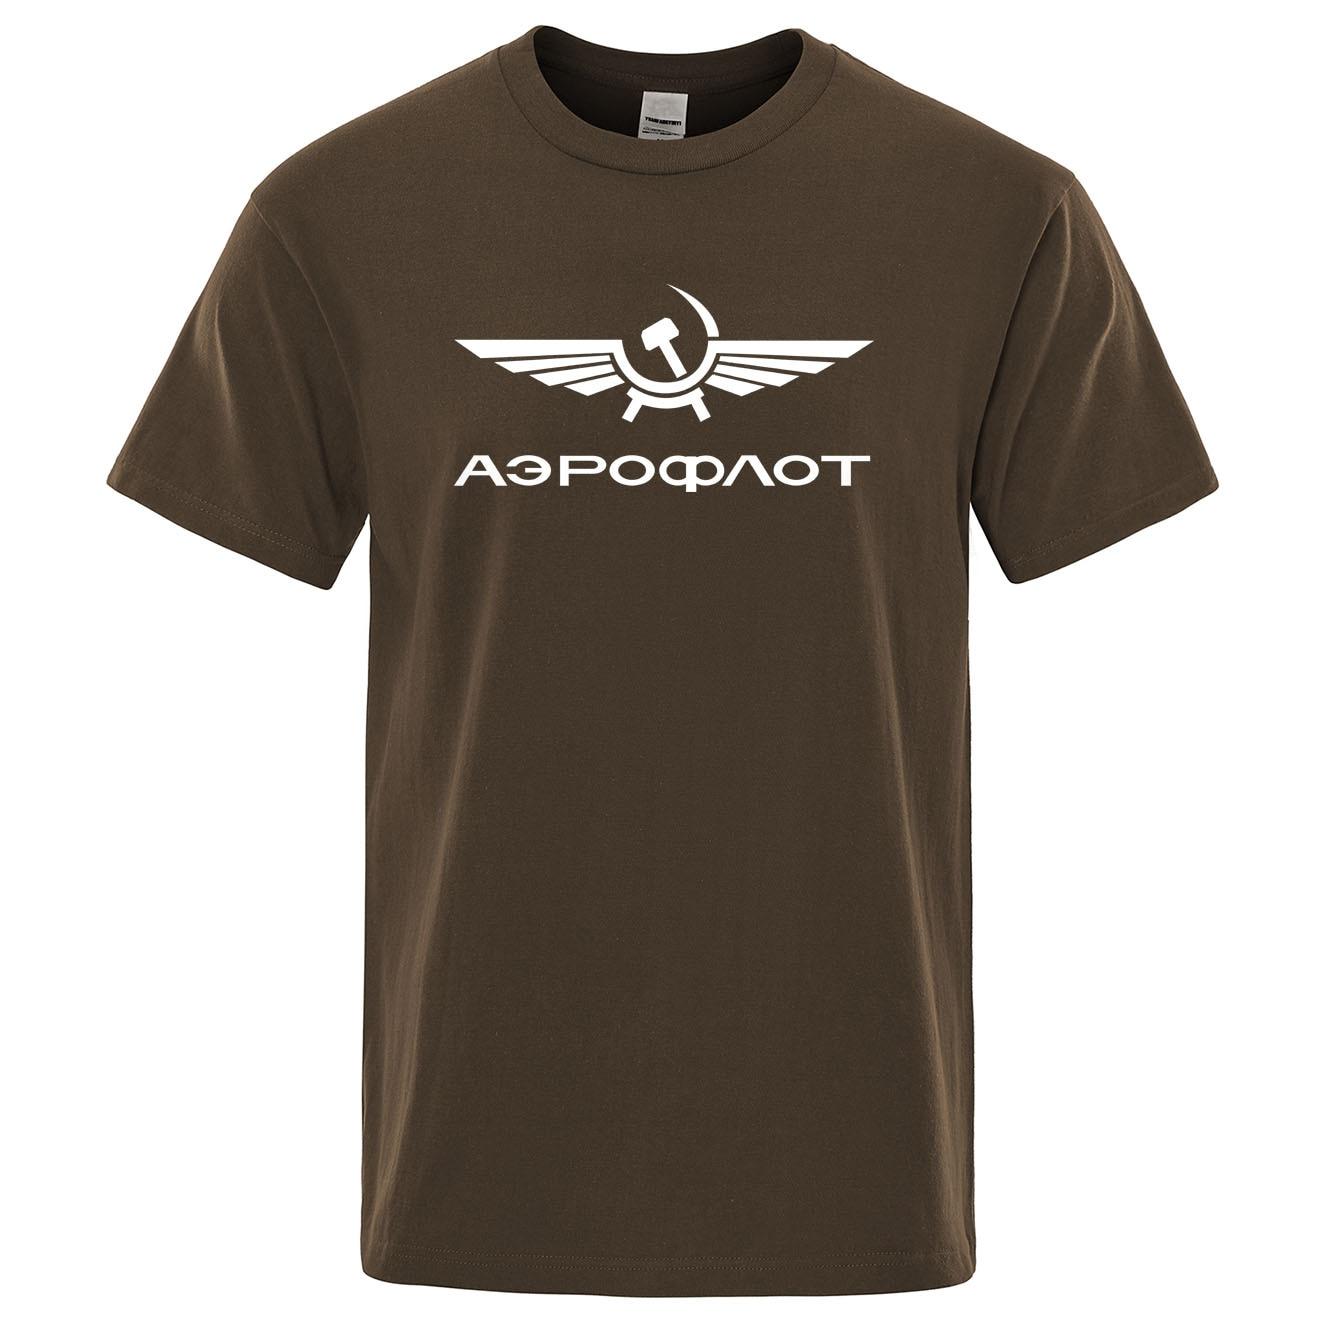 Camisa de manga curta de algodão de verão dos homens da moda do t-shirts dos homens da moda do pescoço do aeroflot da aviação russe pilote aeroespacial aviateur